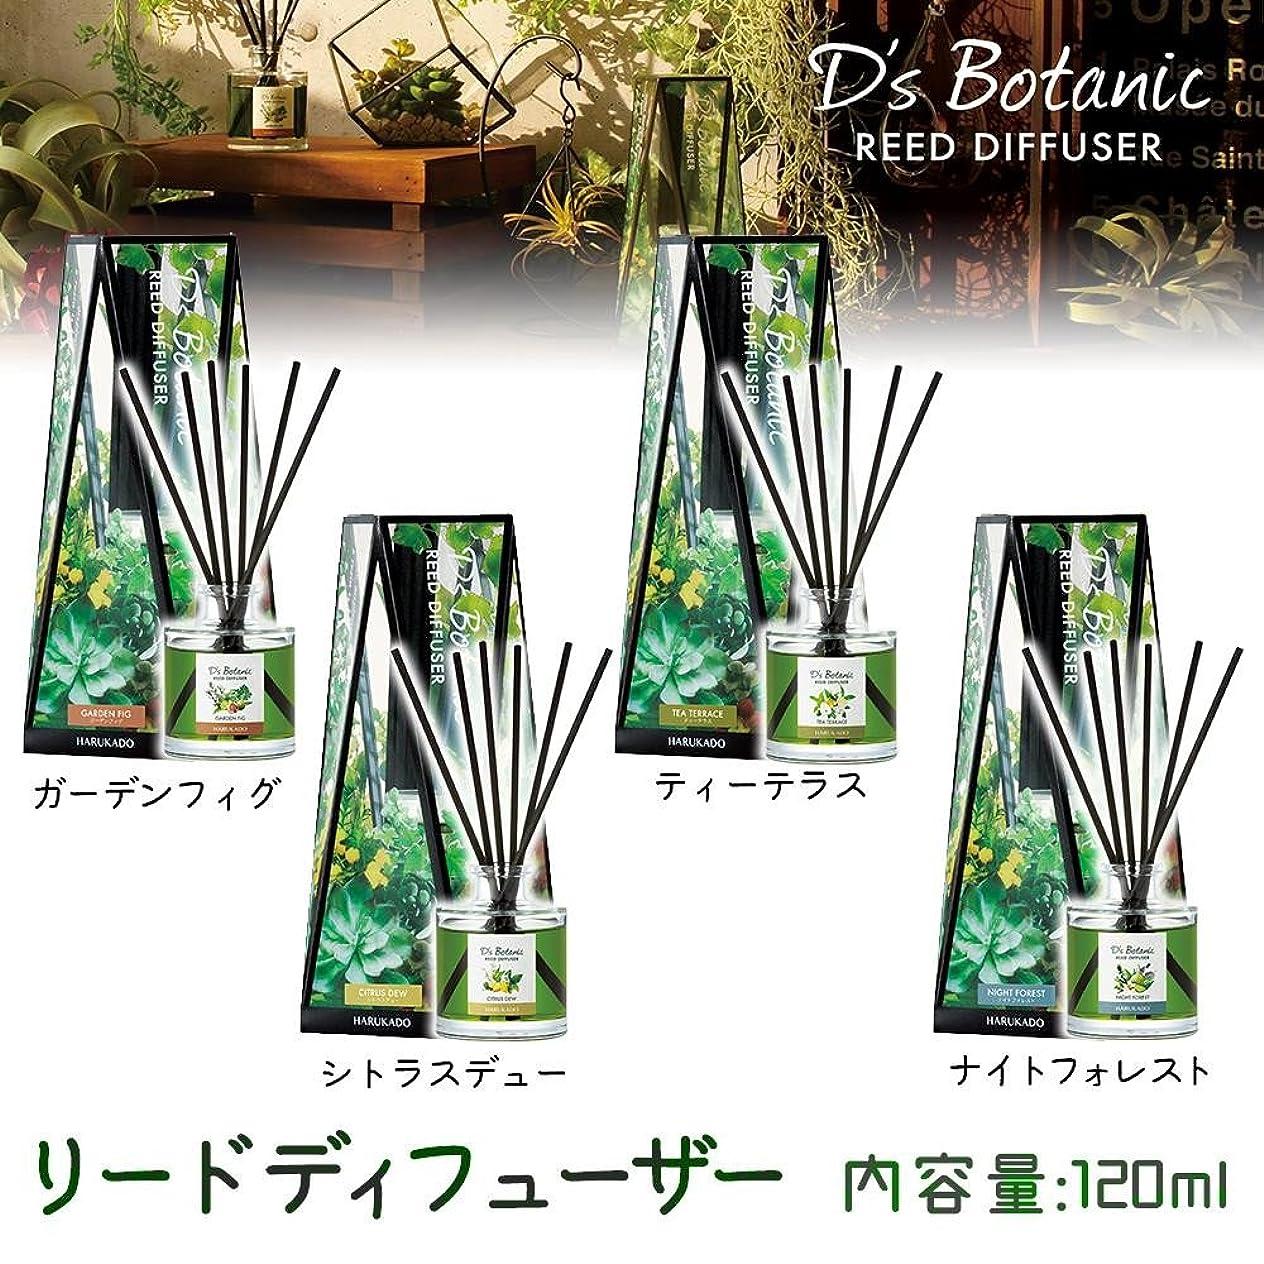 再生的測る放つD'S Botanic(デイズボタニック) リードディフューザー ルームフレグランス 120ml シトラスデュー?6229【人気 おすすめ 】